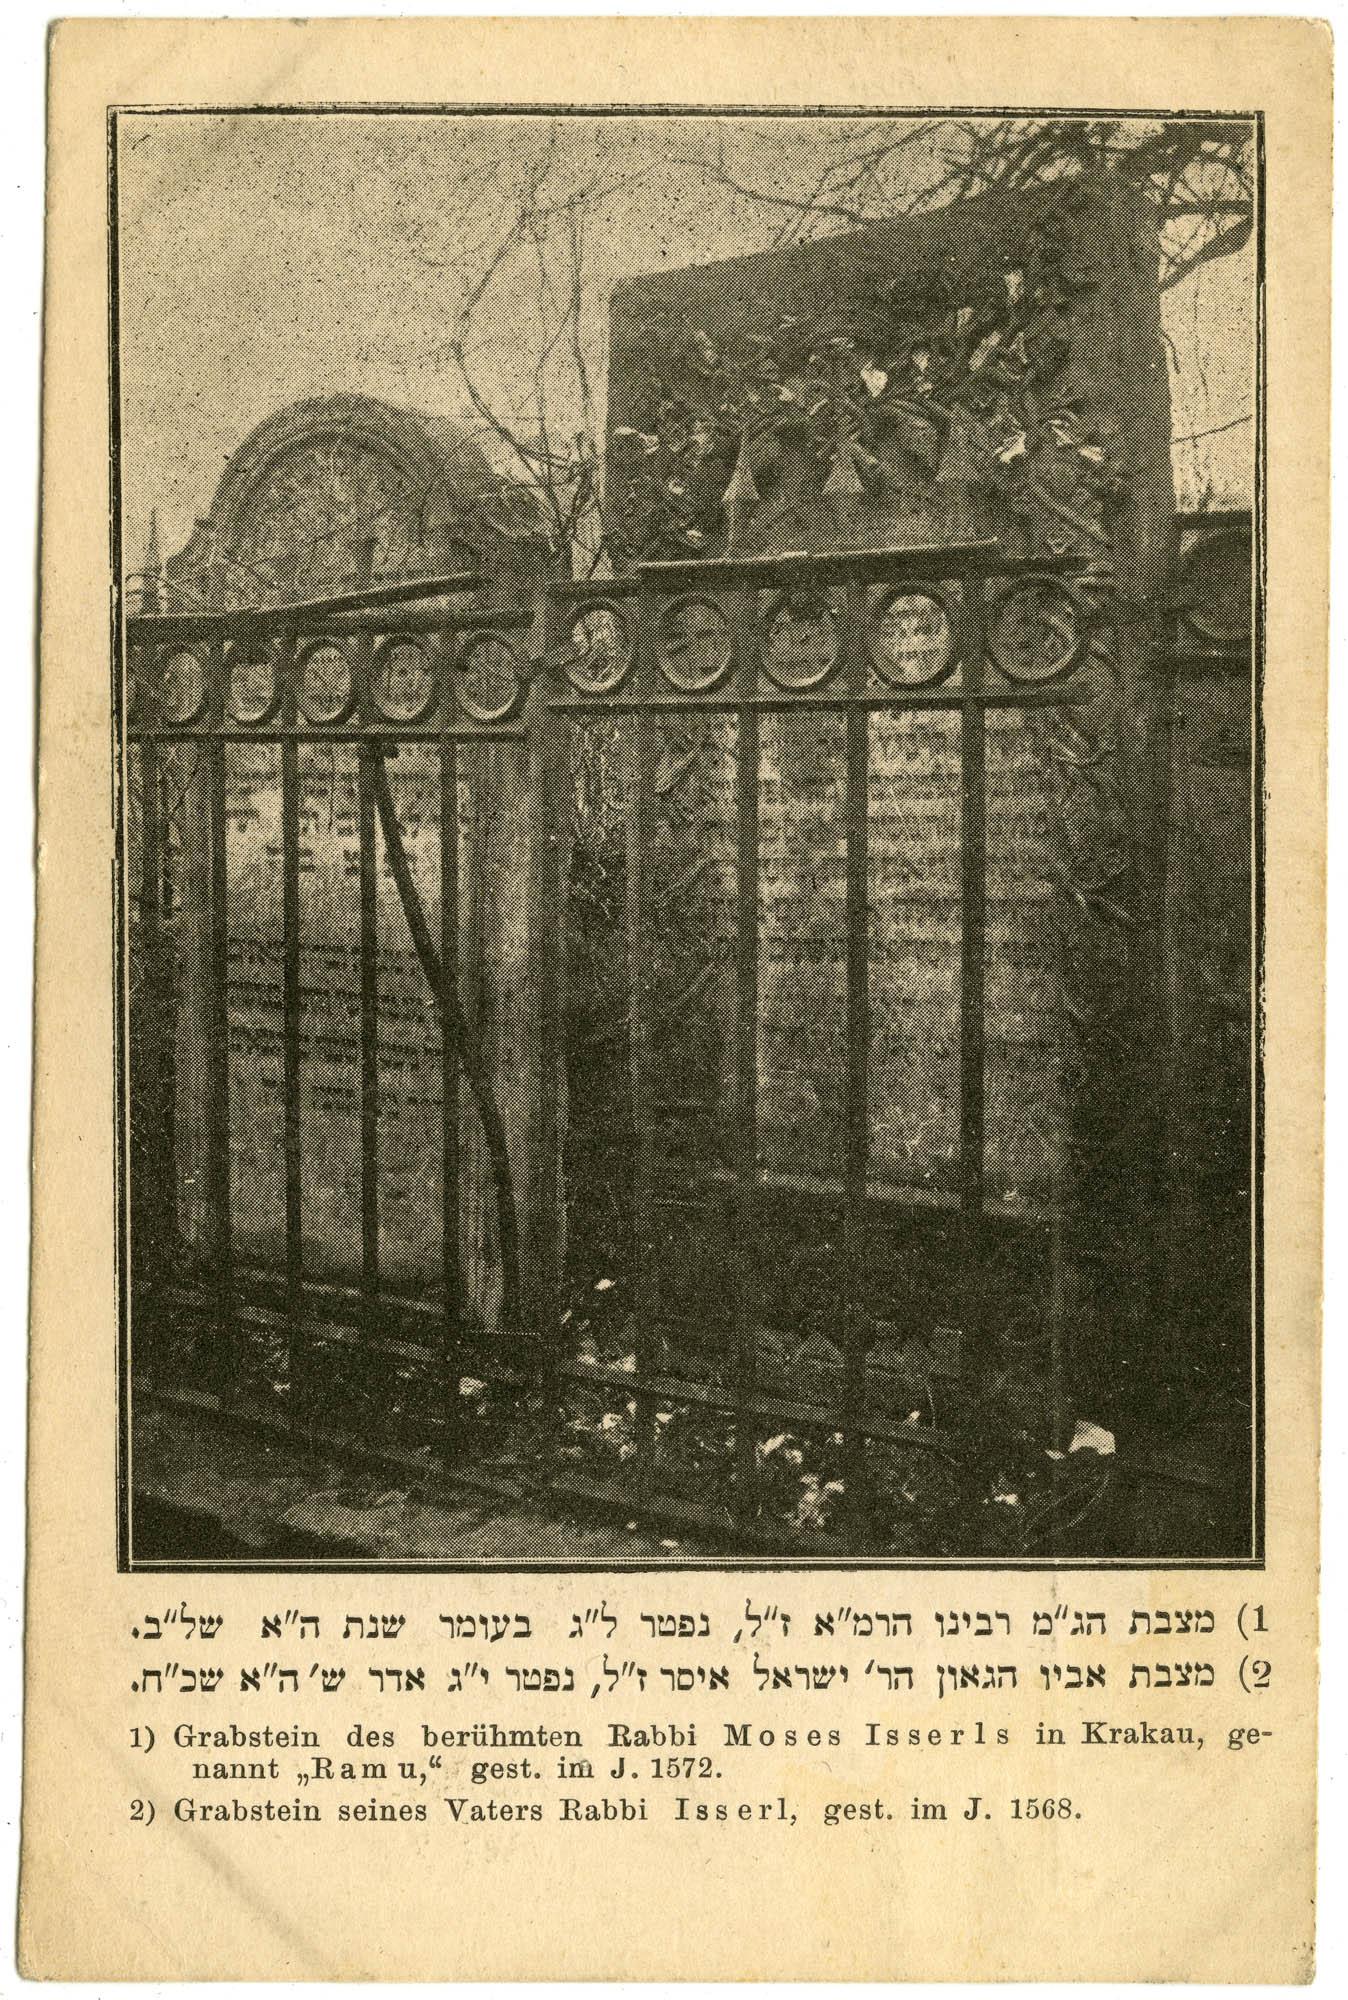 Grabstein des berühmten Rabbi Moses Isserls in Krakau, genannt